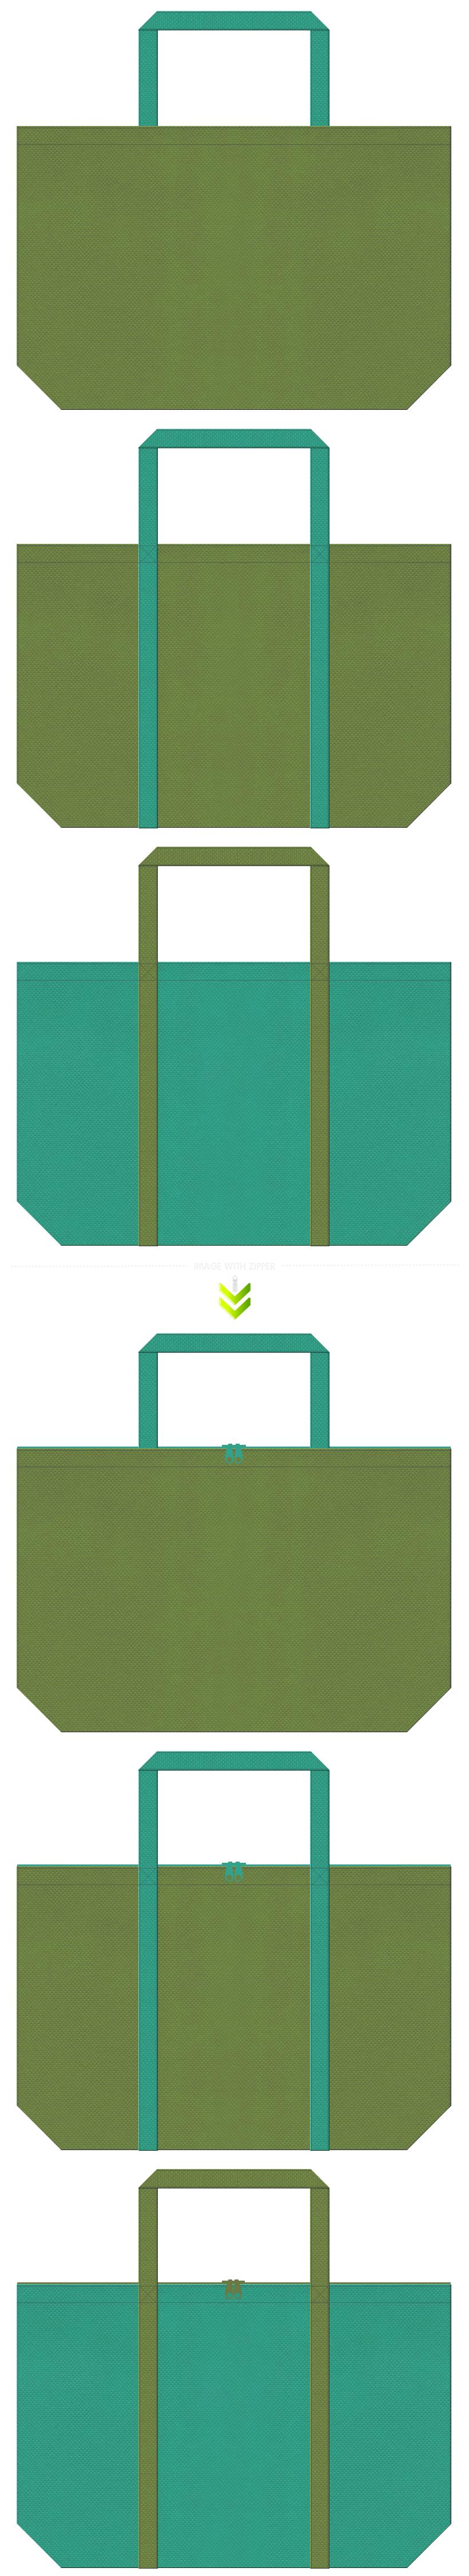 草色と青緑色の不織布エコバッグのデザイン。造園用品の展示会用バッグにお奨めです。